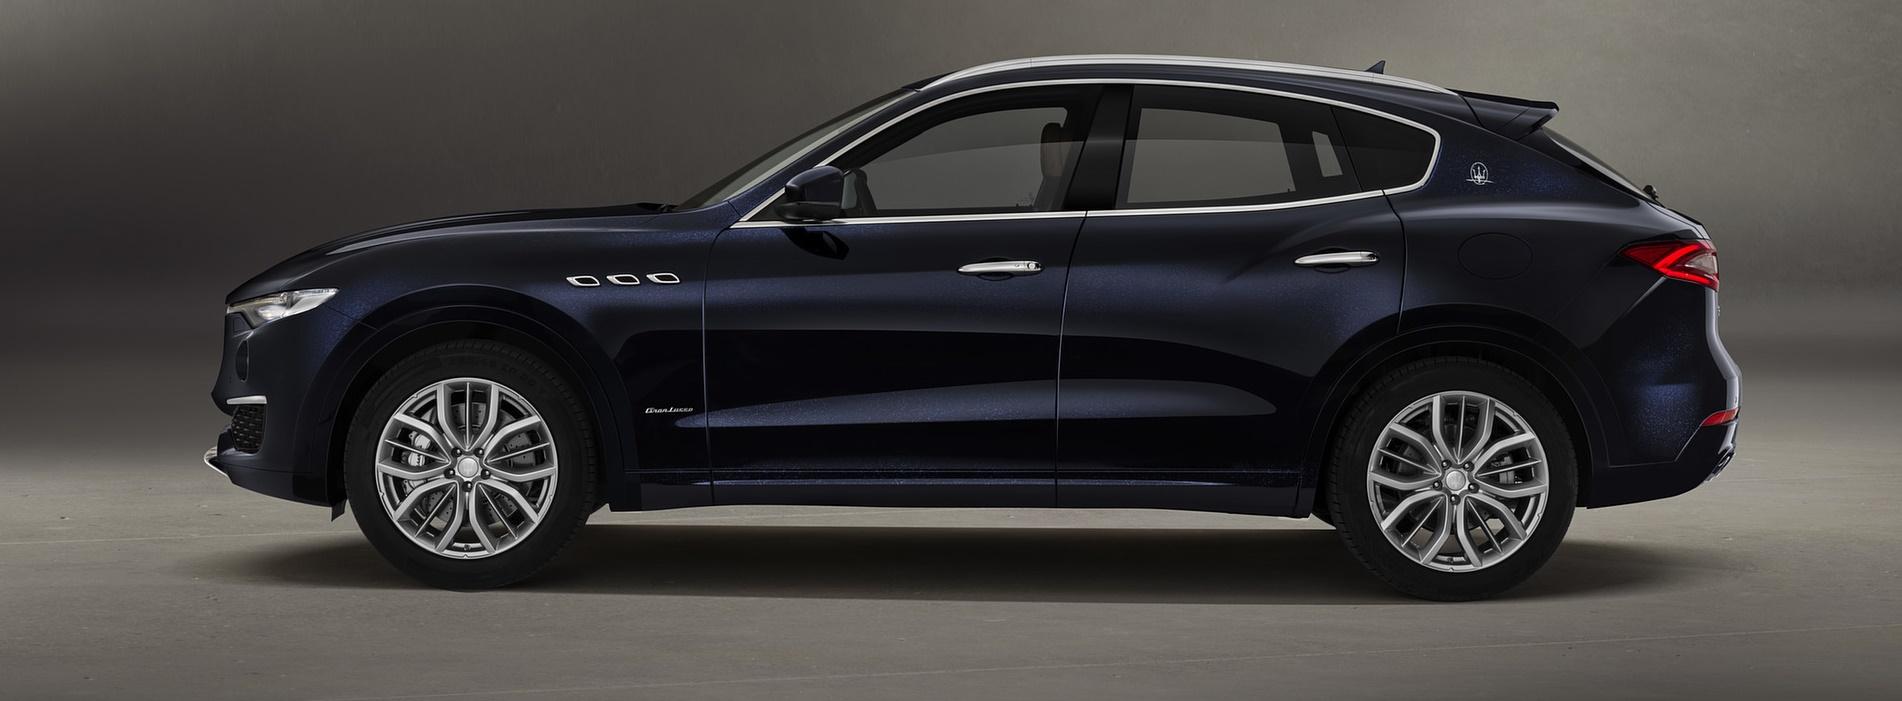 Maserati Levante 2019: le novità della gamma